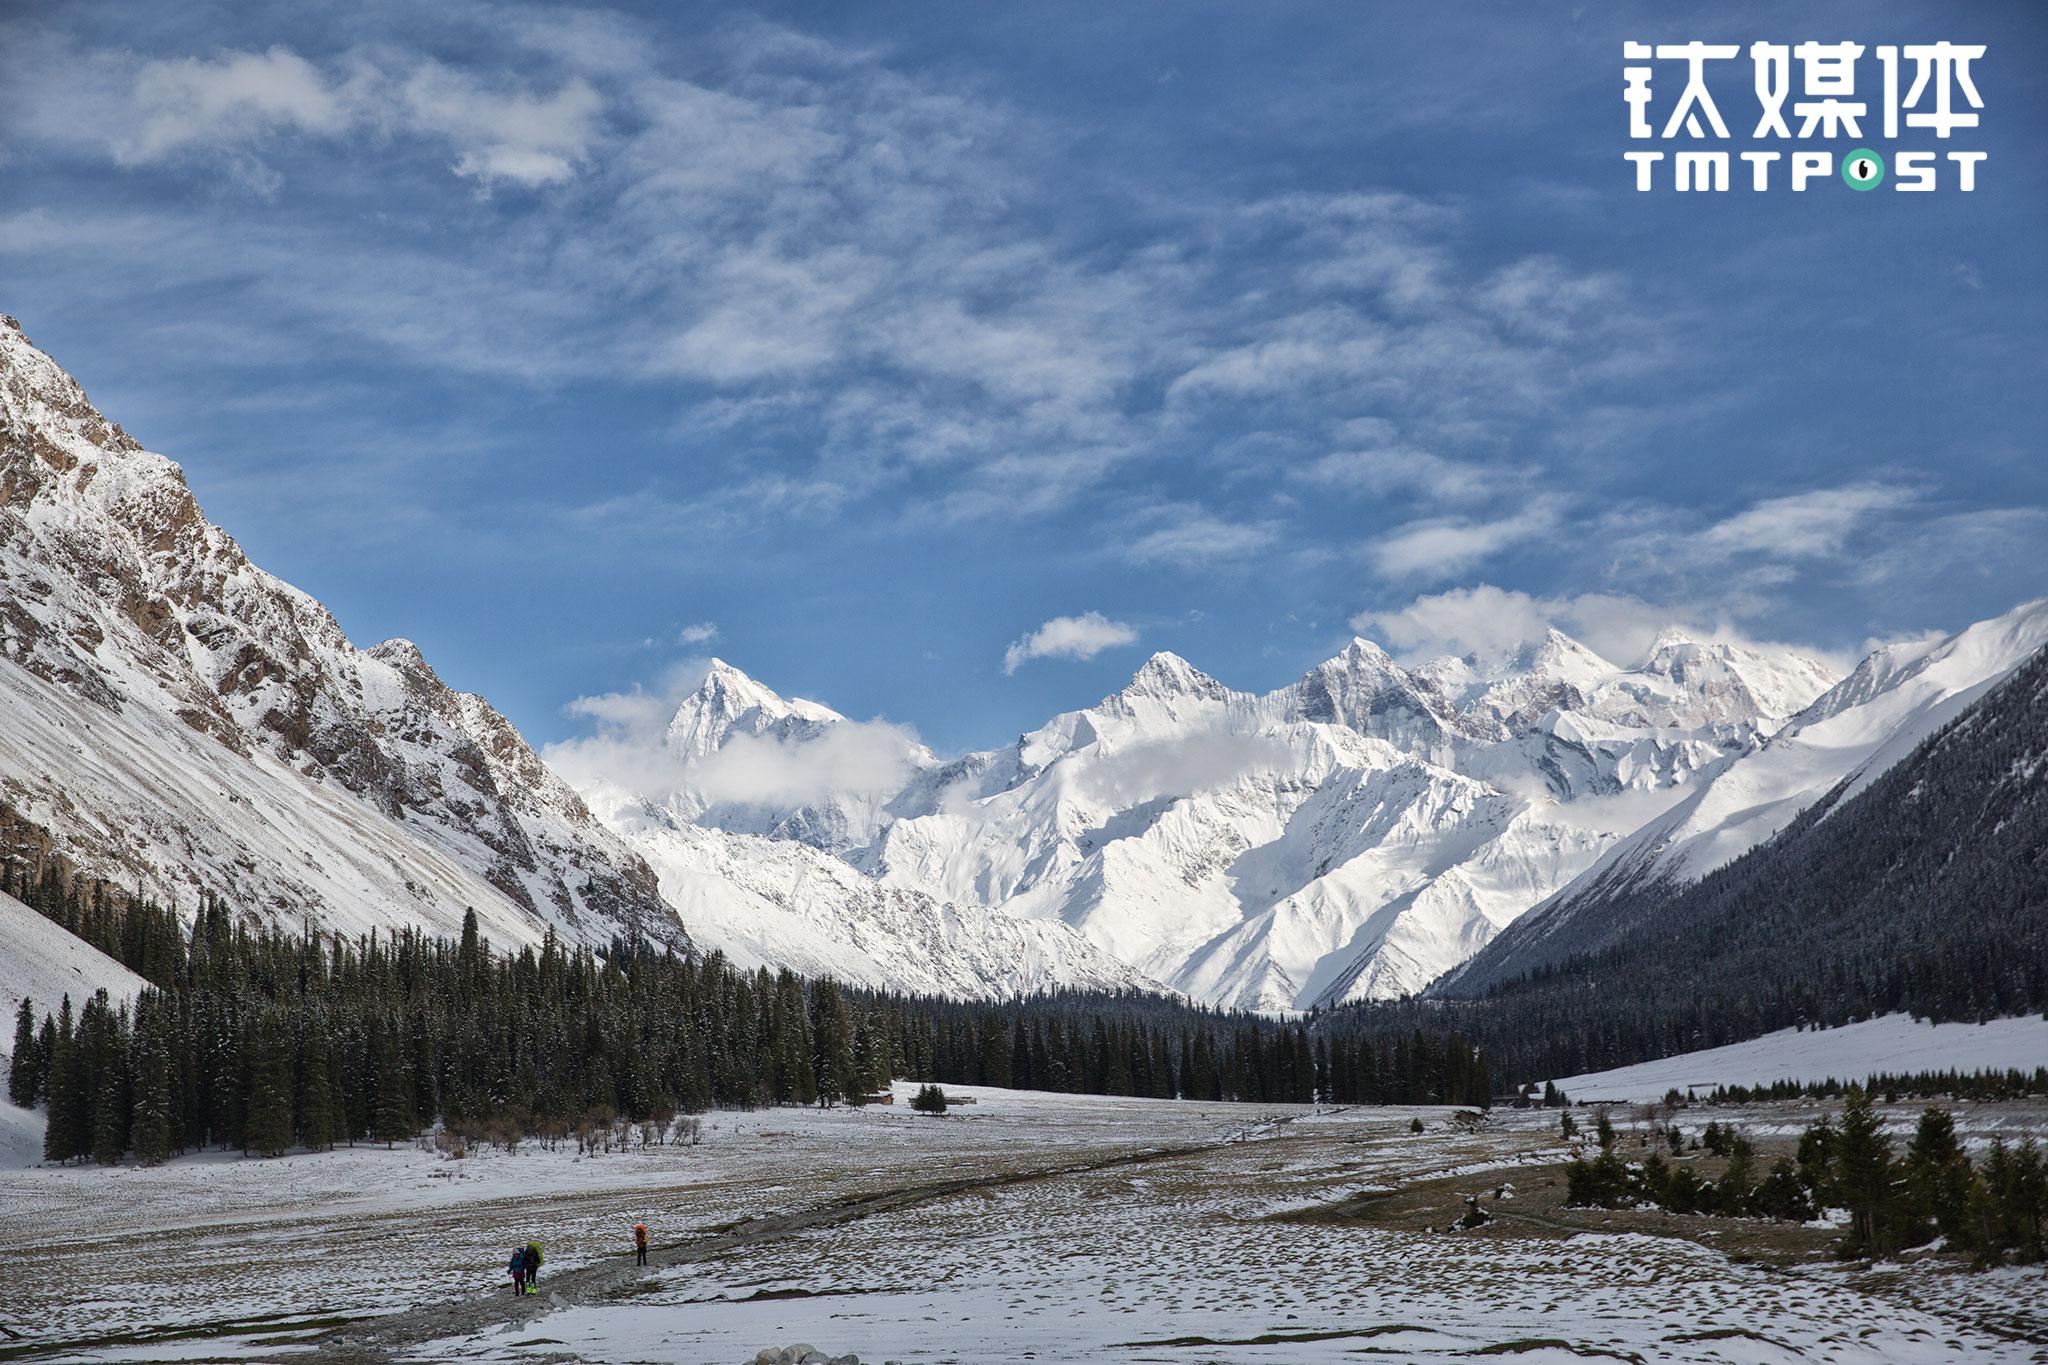 2017年5月2日,3名徒步者在新疆夏特古道,他们身后是巍峨的天山。